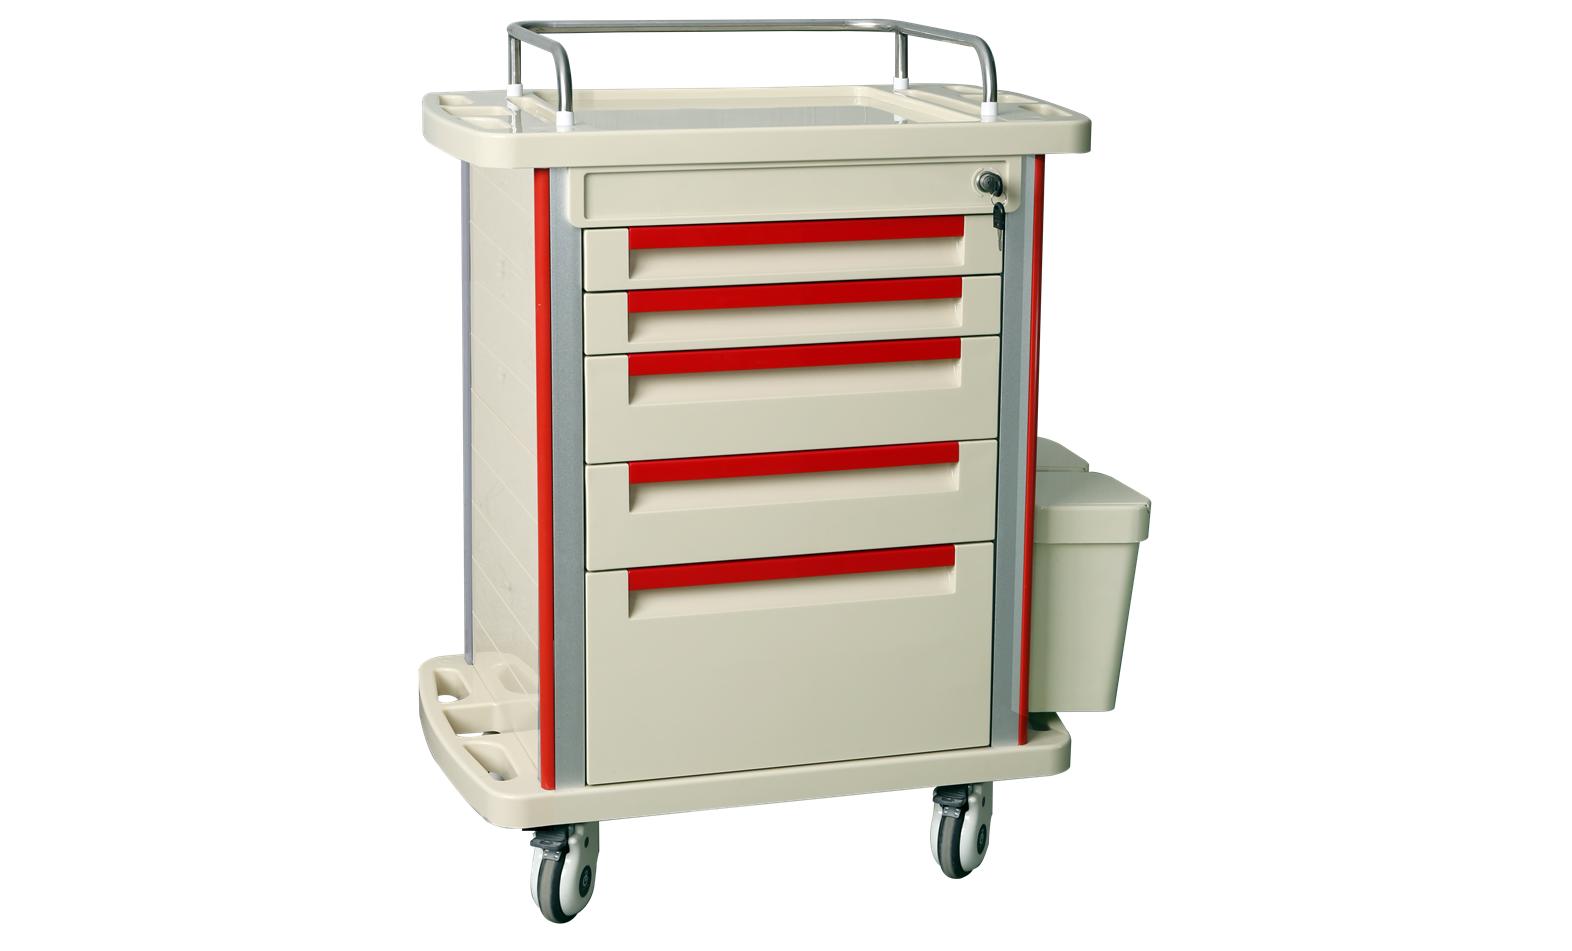 DW-MT 004 Medicine trolley